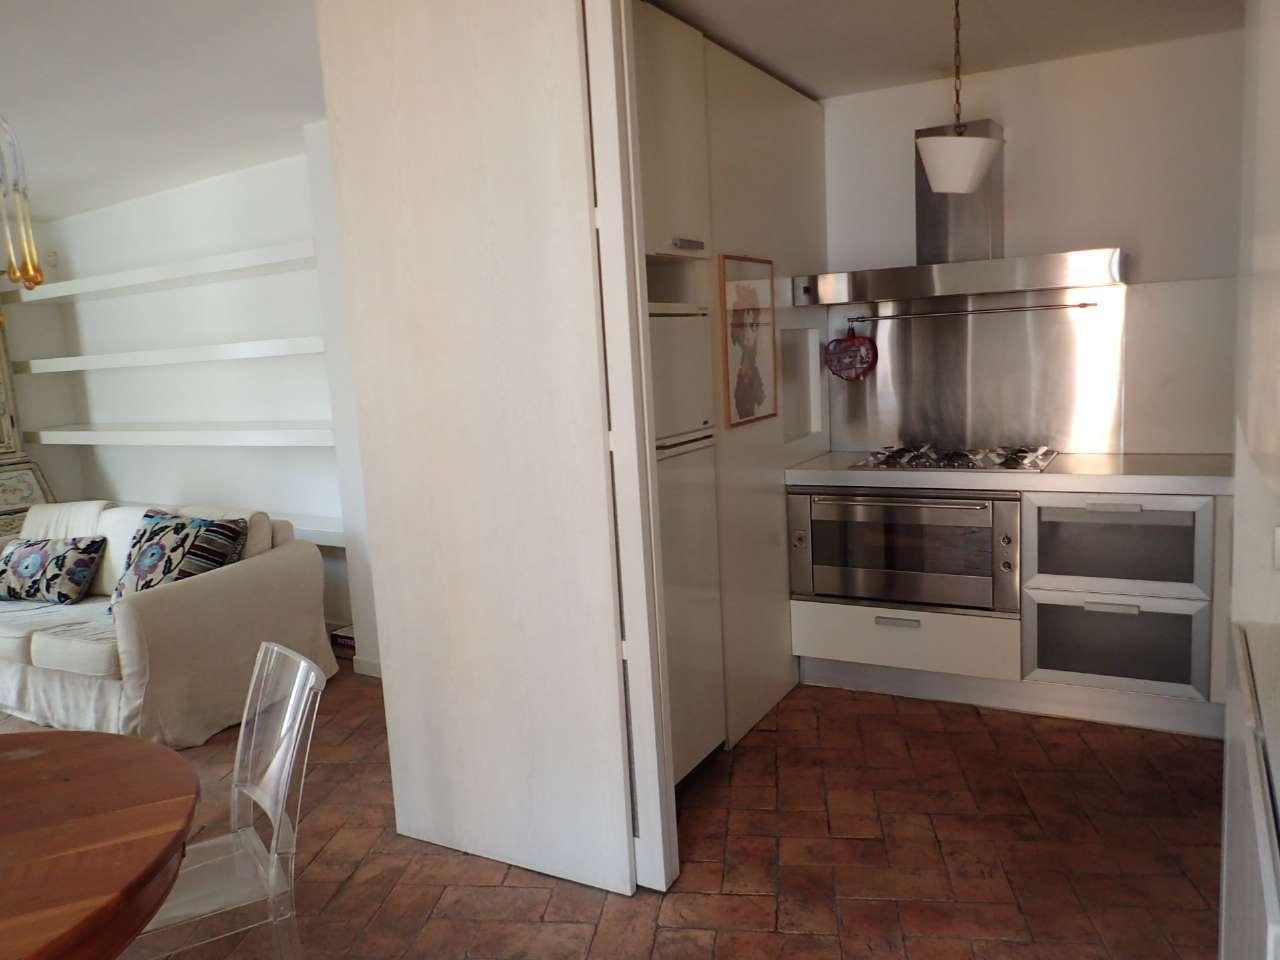 Appartamento in Vendita a Milano: 2 locali, 80 mq - Foto 6